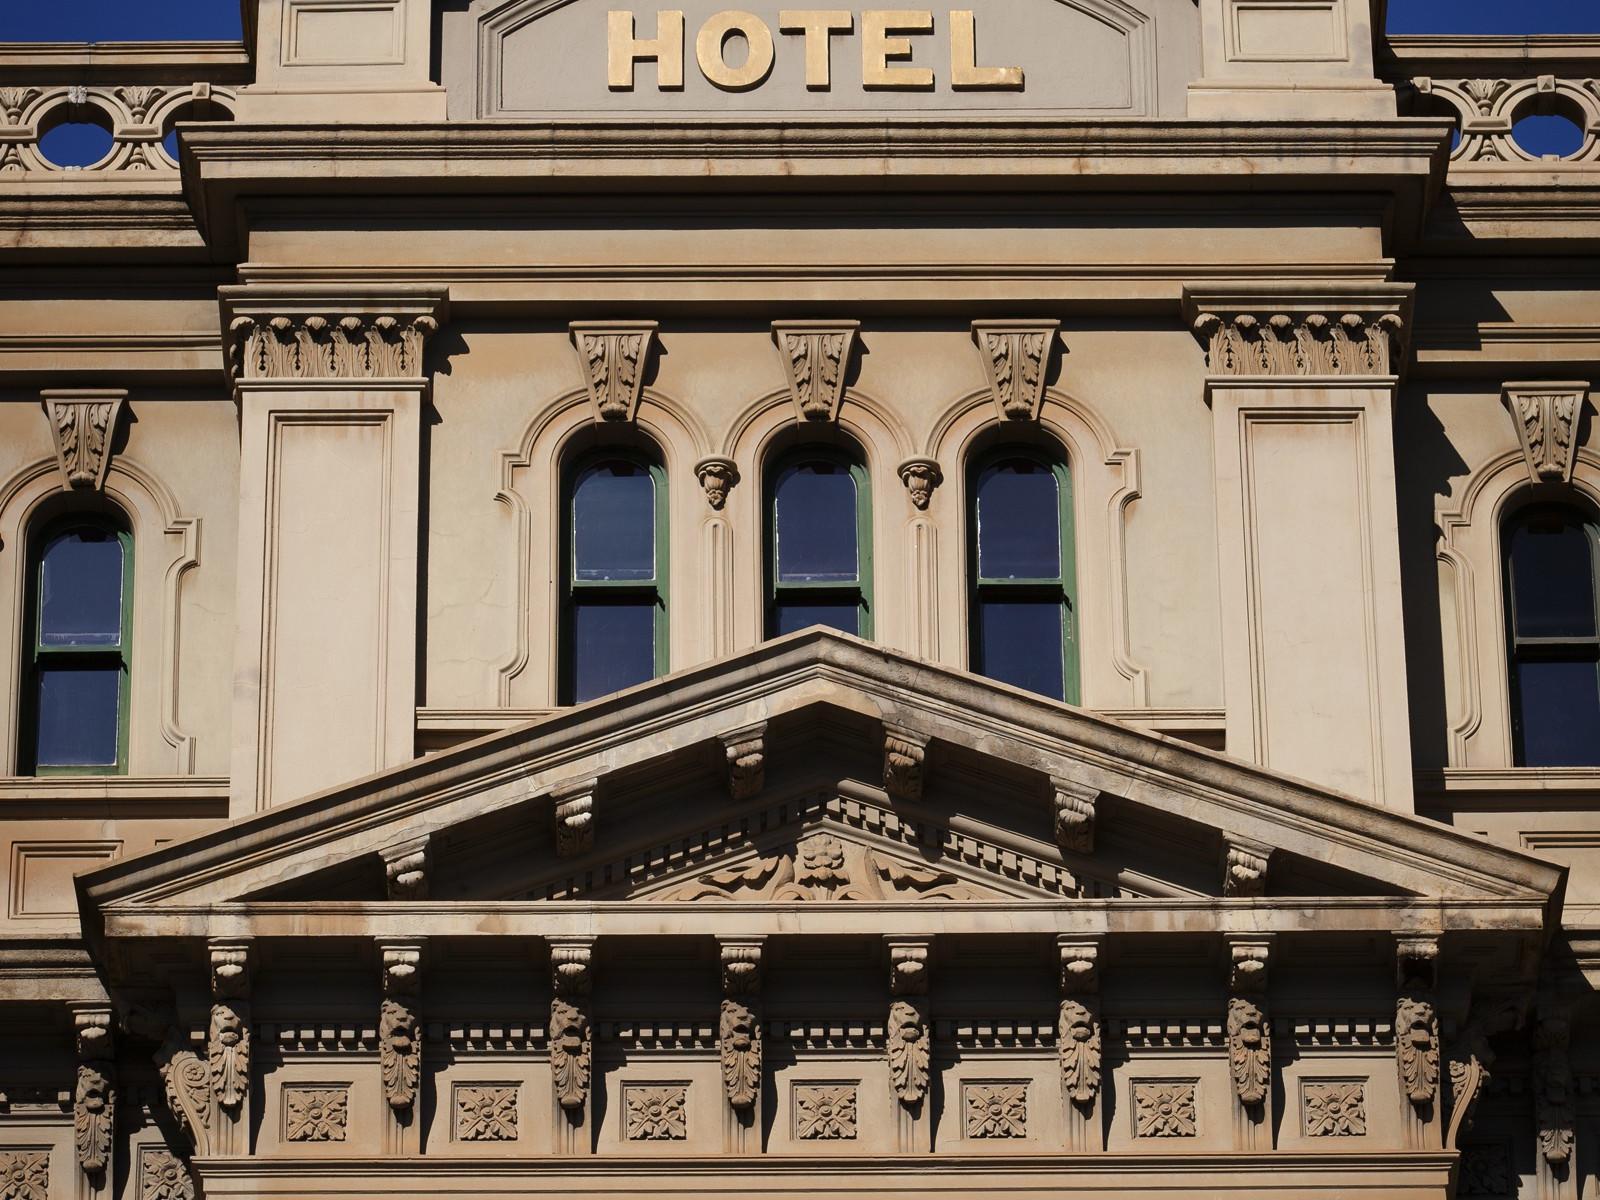 The Hotel Windsor Melbourne